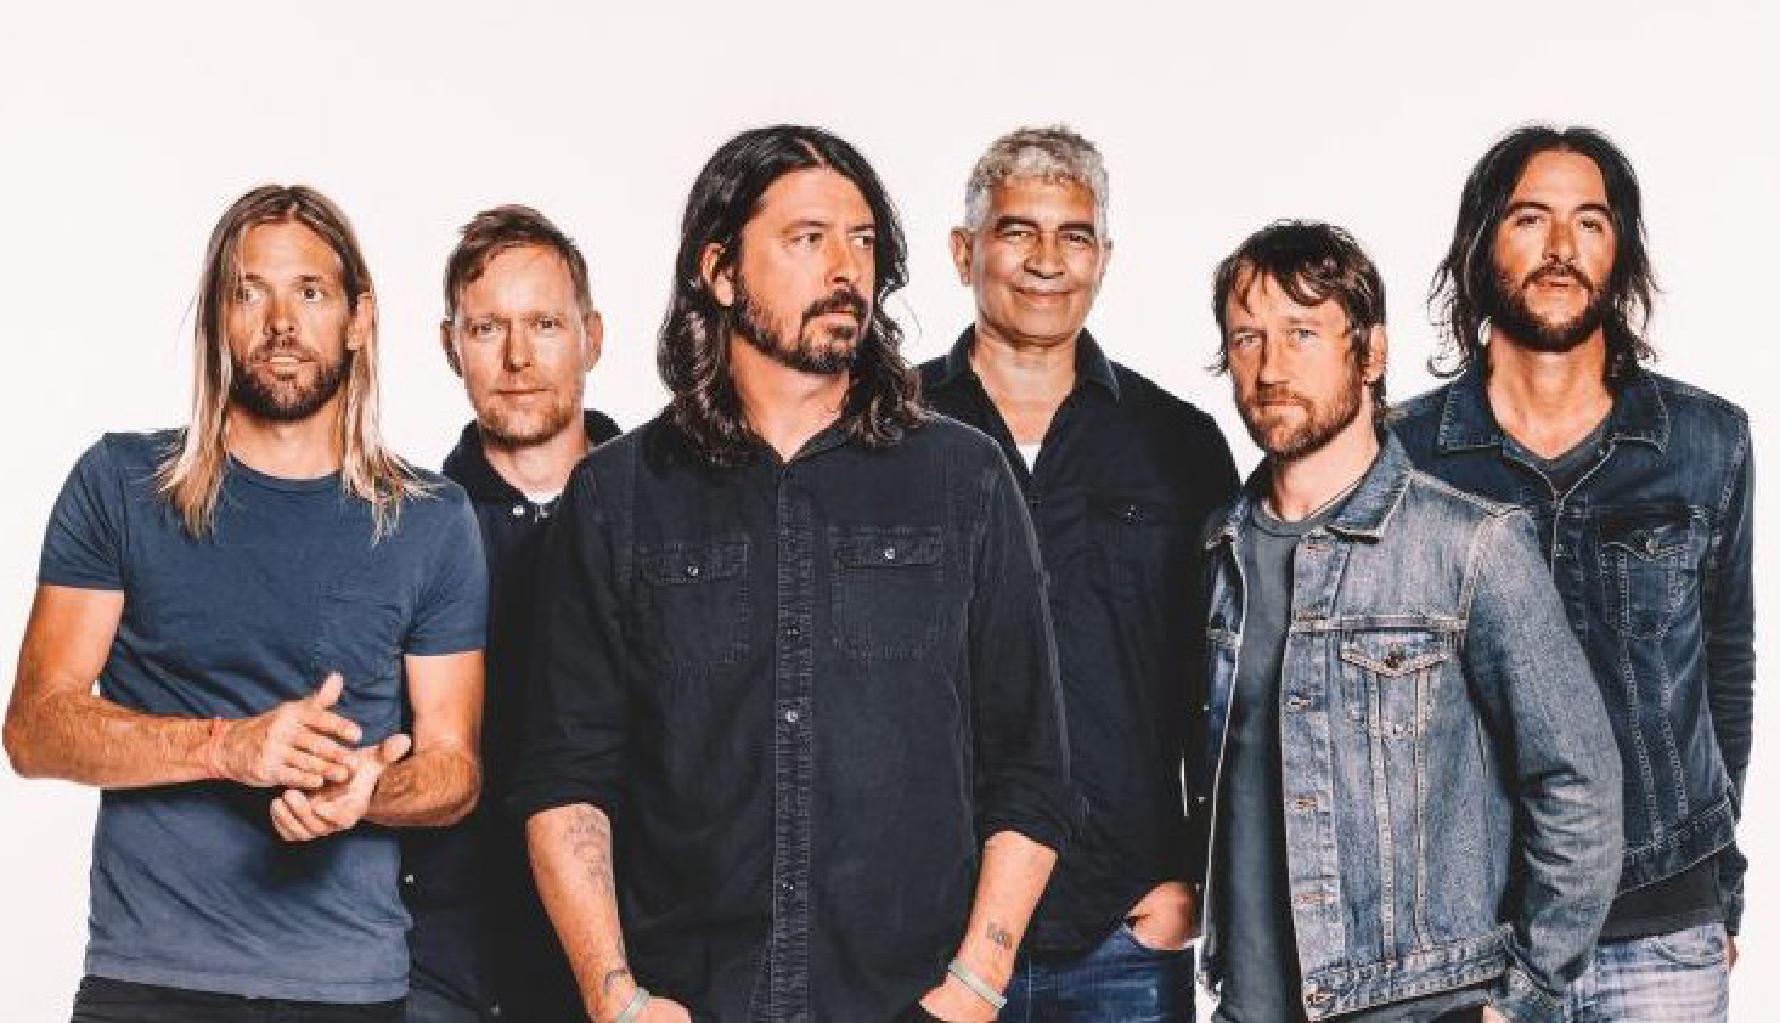 Foo Fighters fechas de gira 2021 2022. Foo Fighters entradas y conciertos |  Wegow España